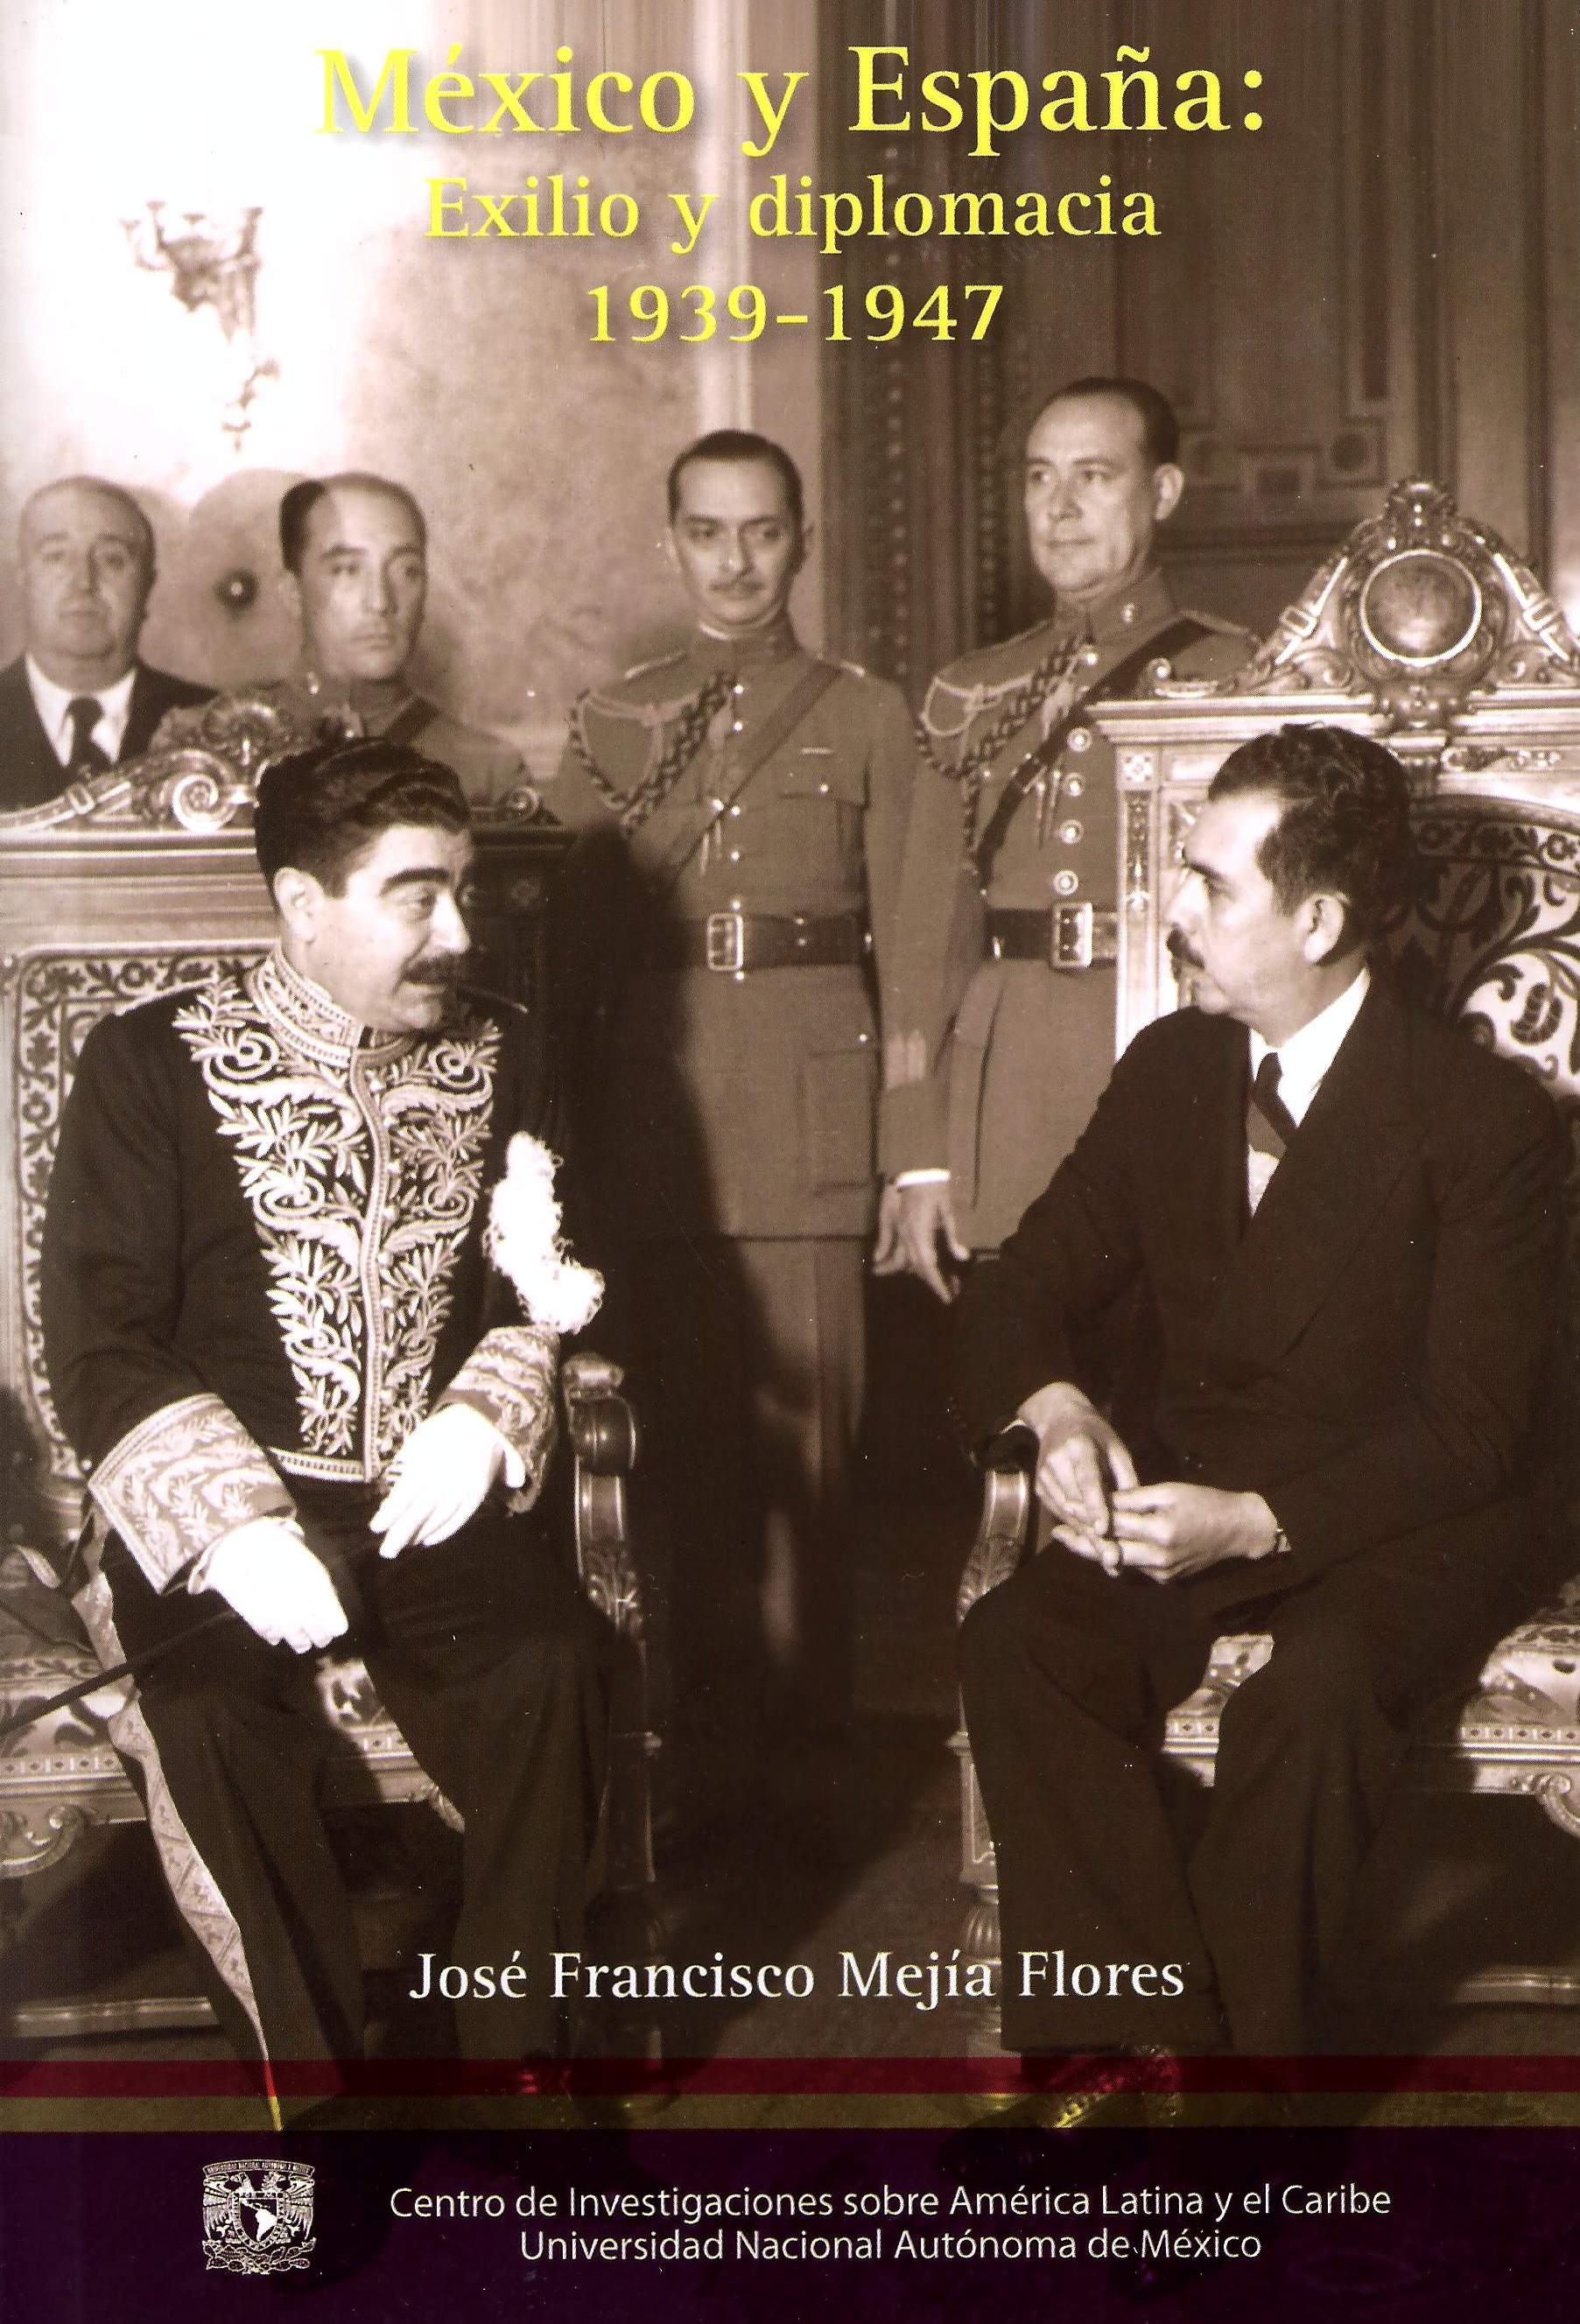 México y España: exilio y diplomacia, 1939-1947